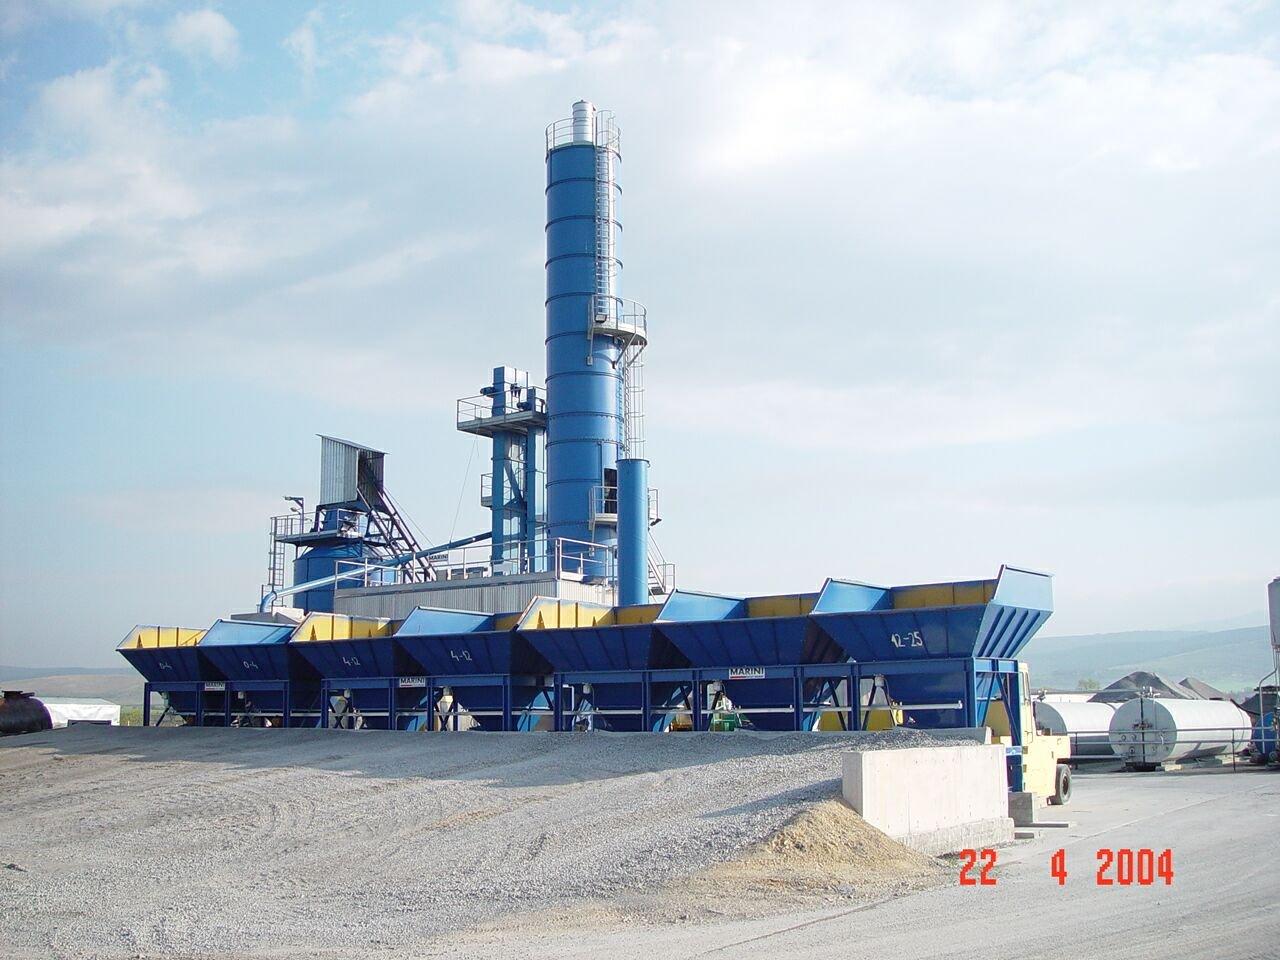 Marini Asphalt Factory Asphalt Plant Marini